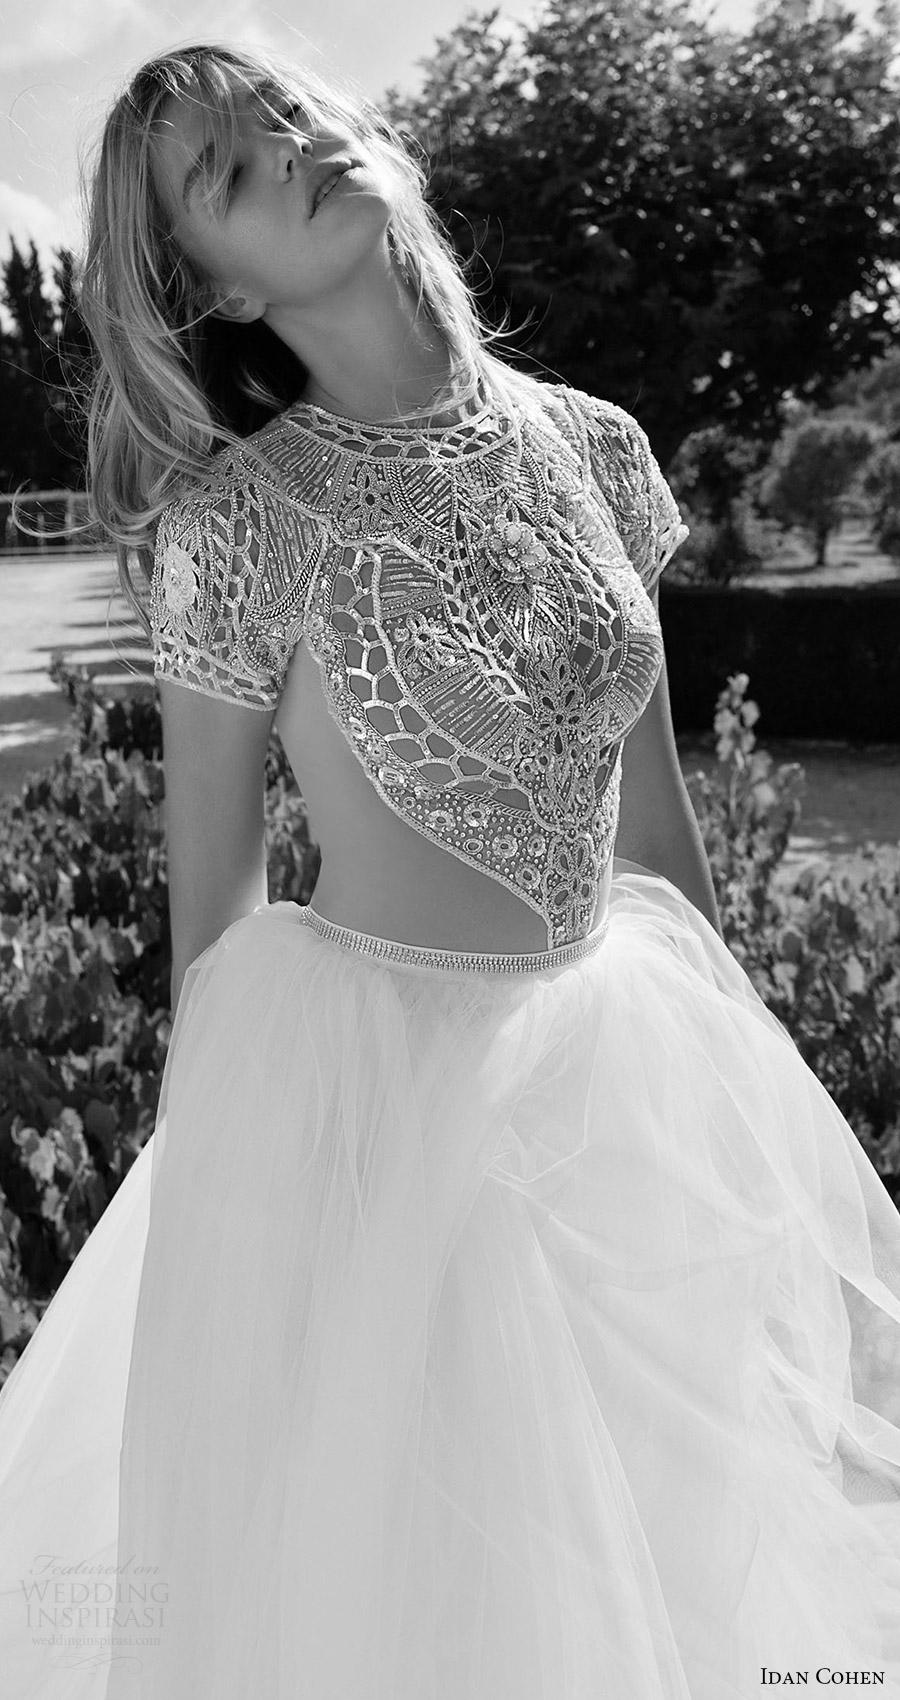 2017 de novia vestido de novia vestido de bola moldeado del cuello de la manga casquillo joya corpiño Idan Cohen (Carla del río) zv